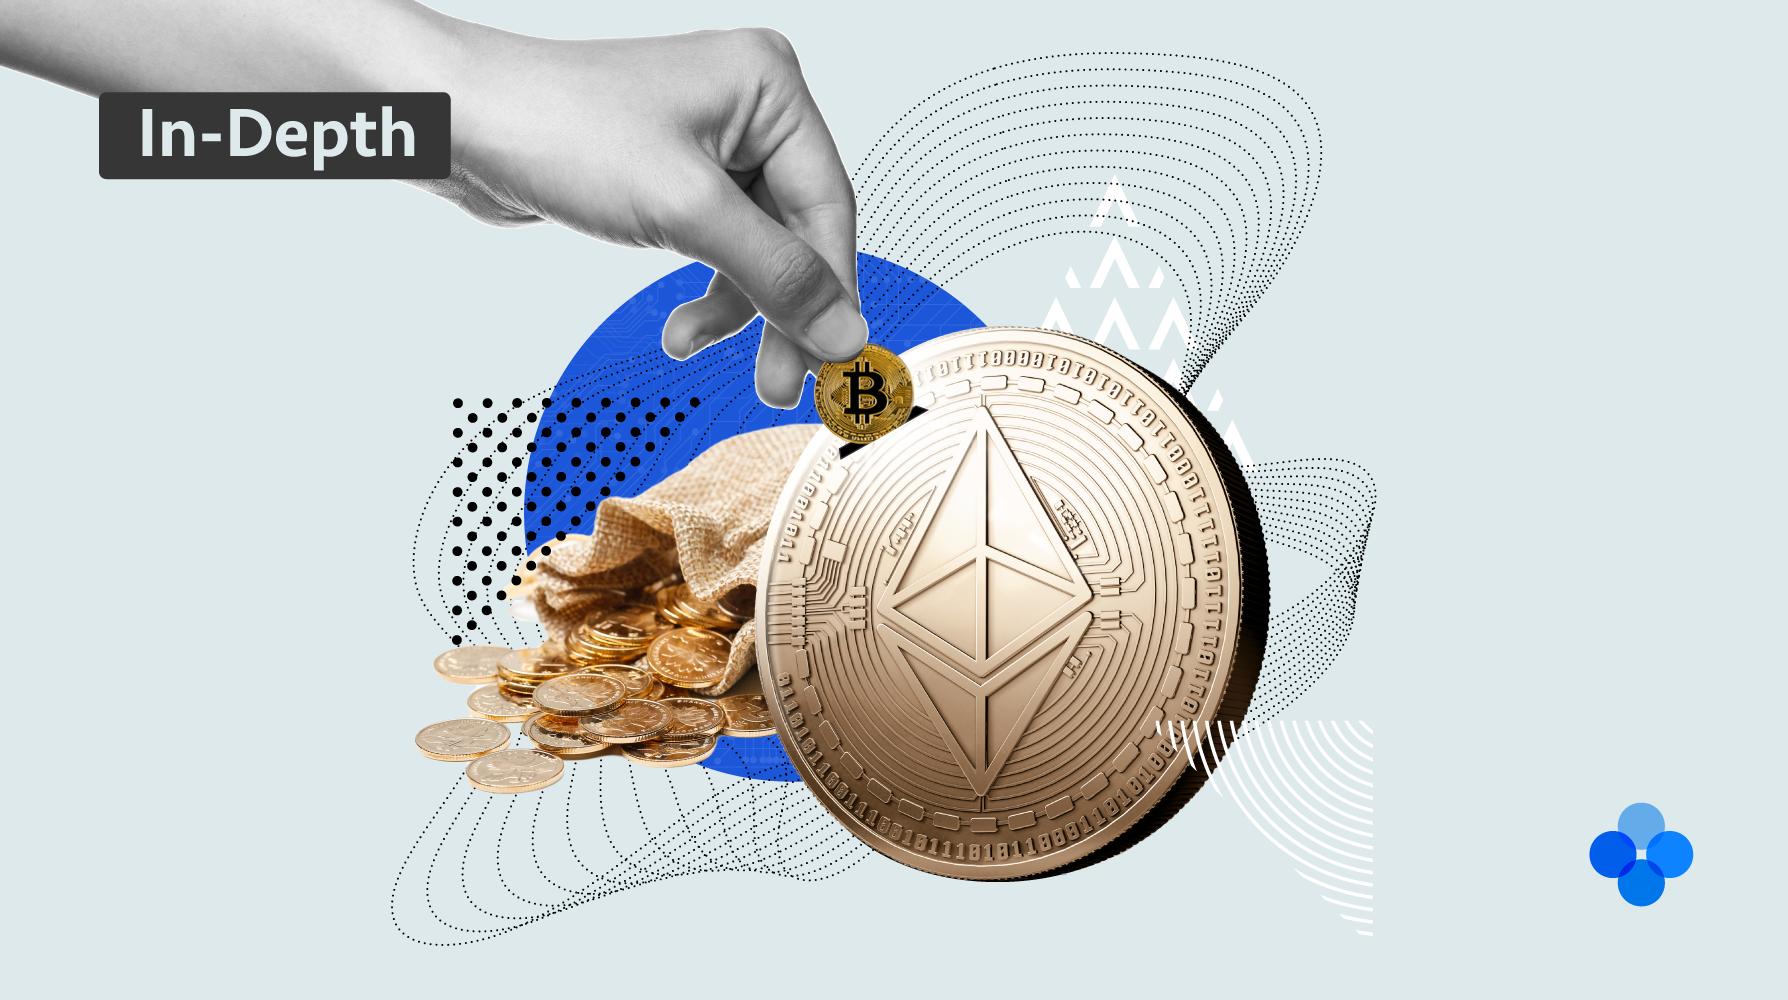 bitcoin ieguldījumi 250 ieguldot kriptovalūtu emitēšanā